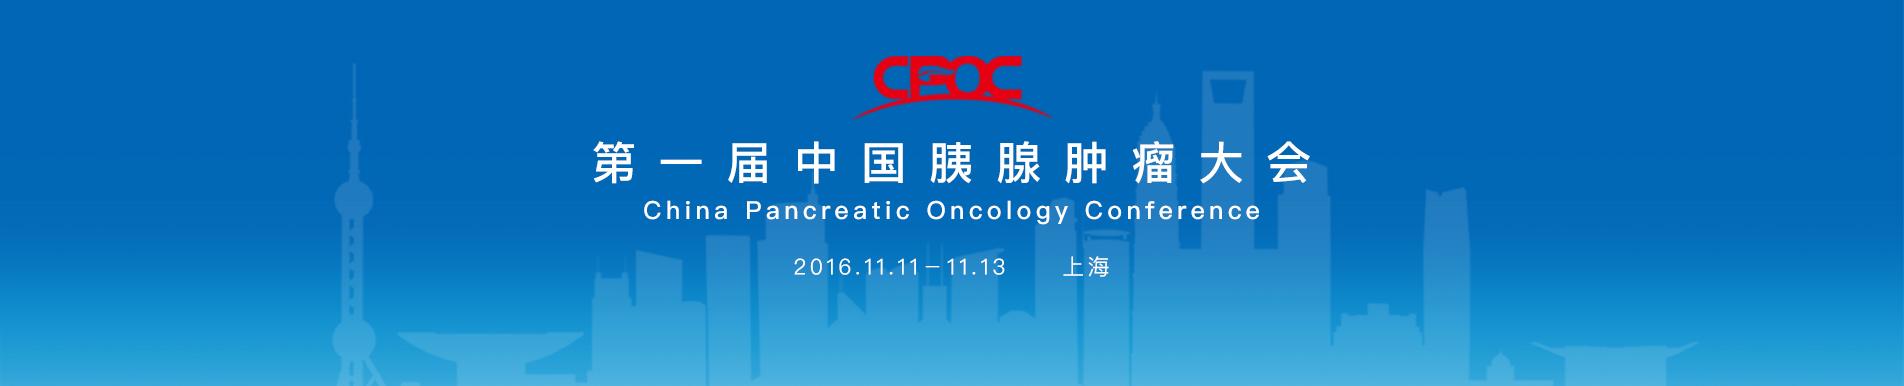 第一届中国胰腺肿瘤大会